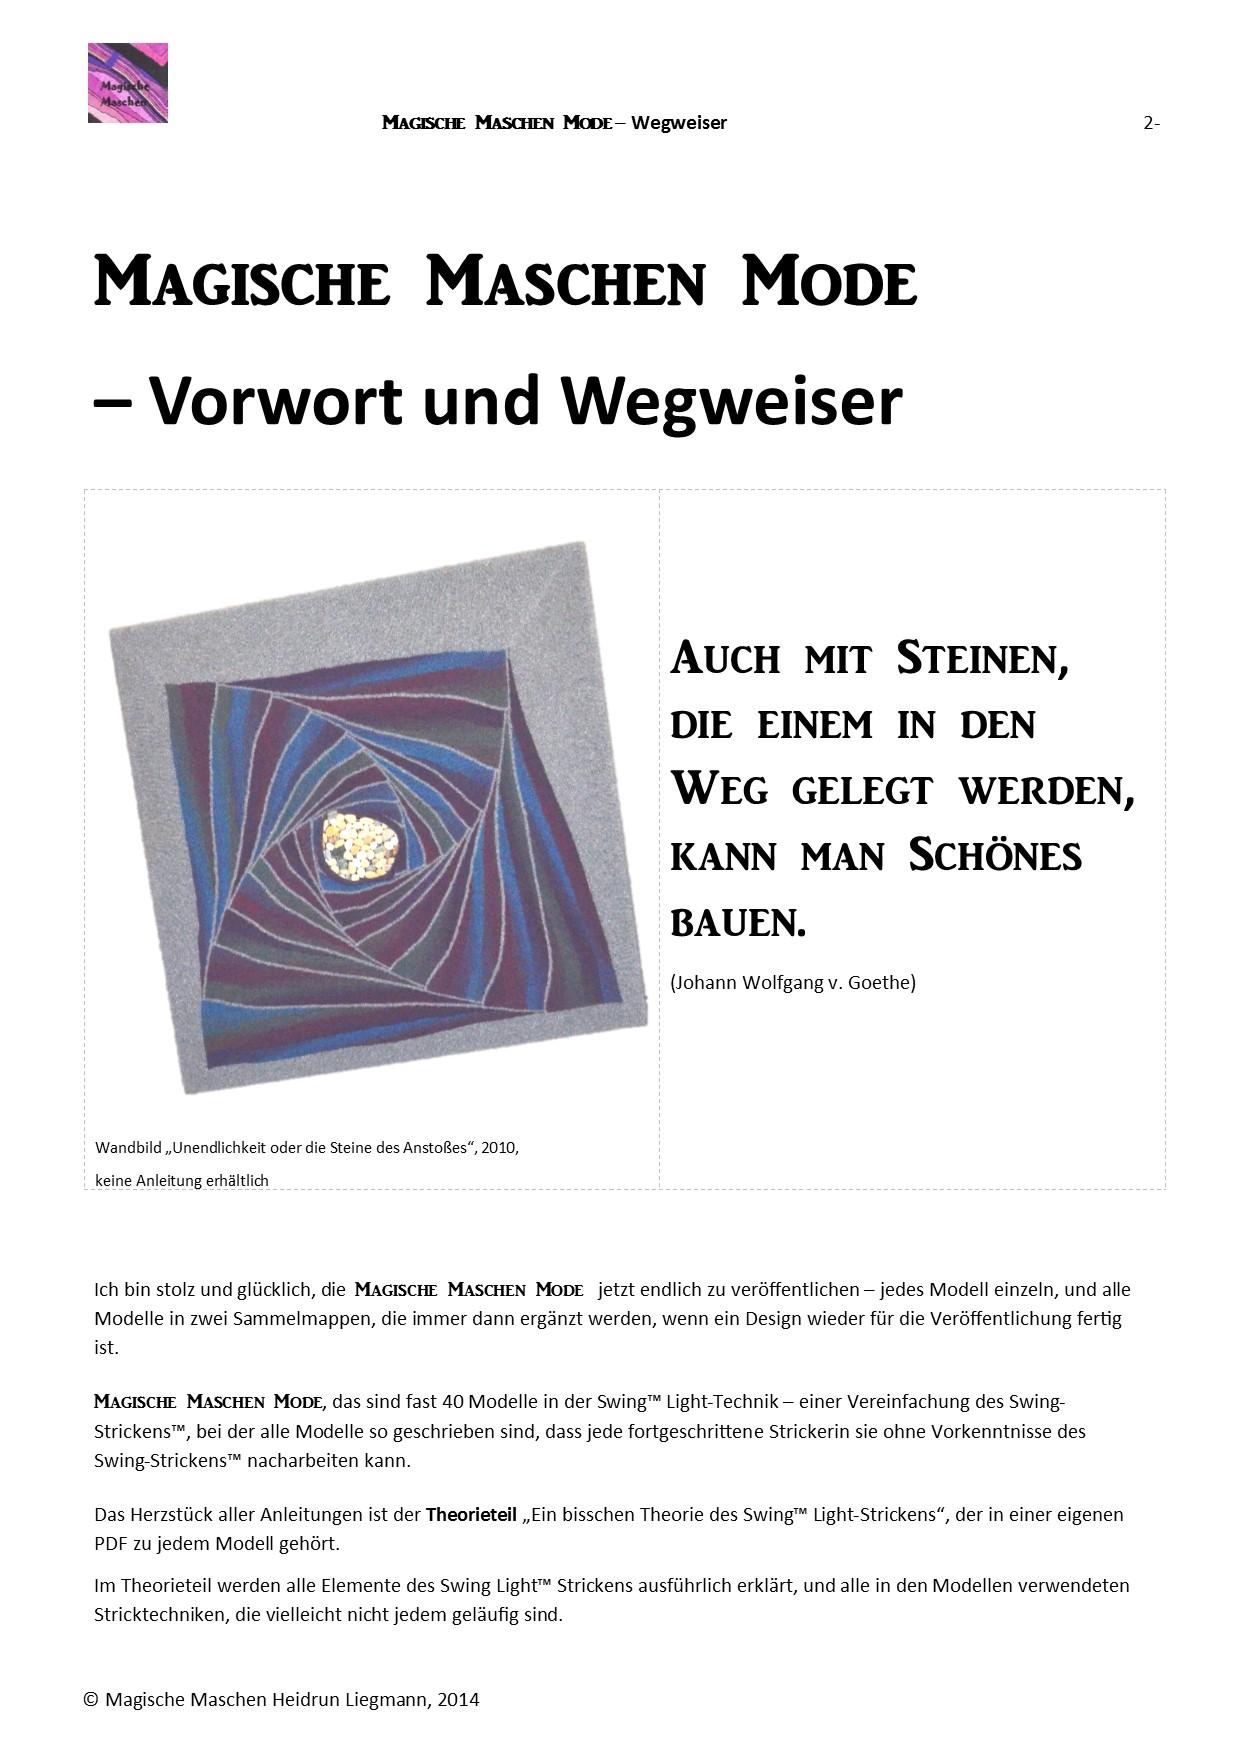 DE_Vorwort_und_Wegweiser 140924-2